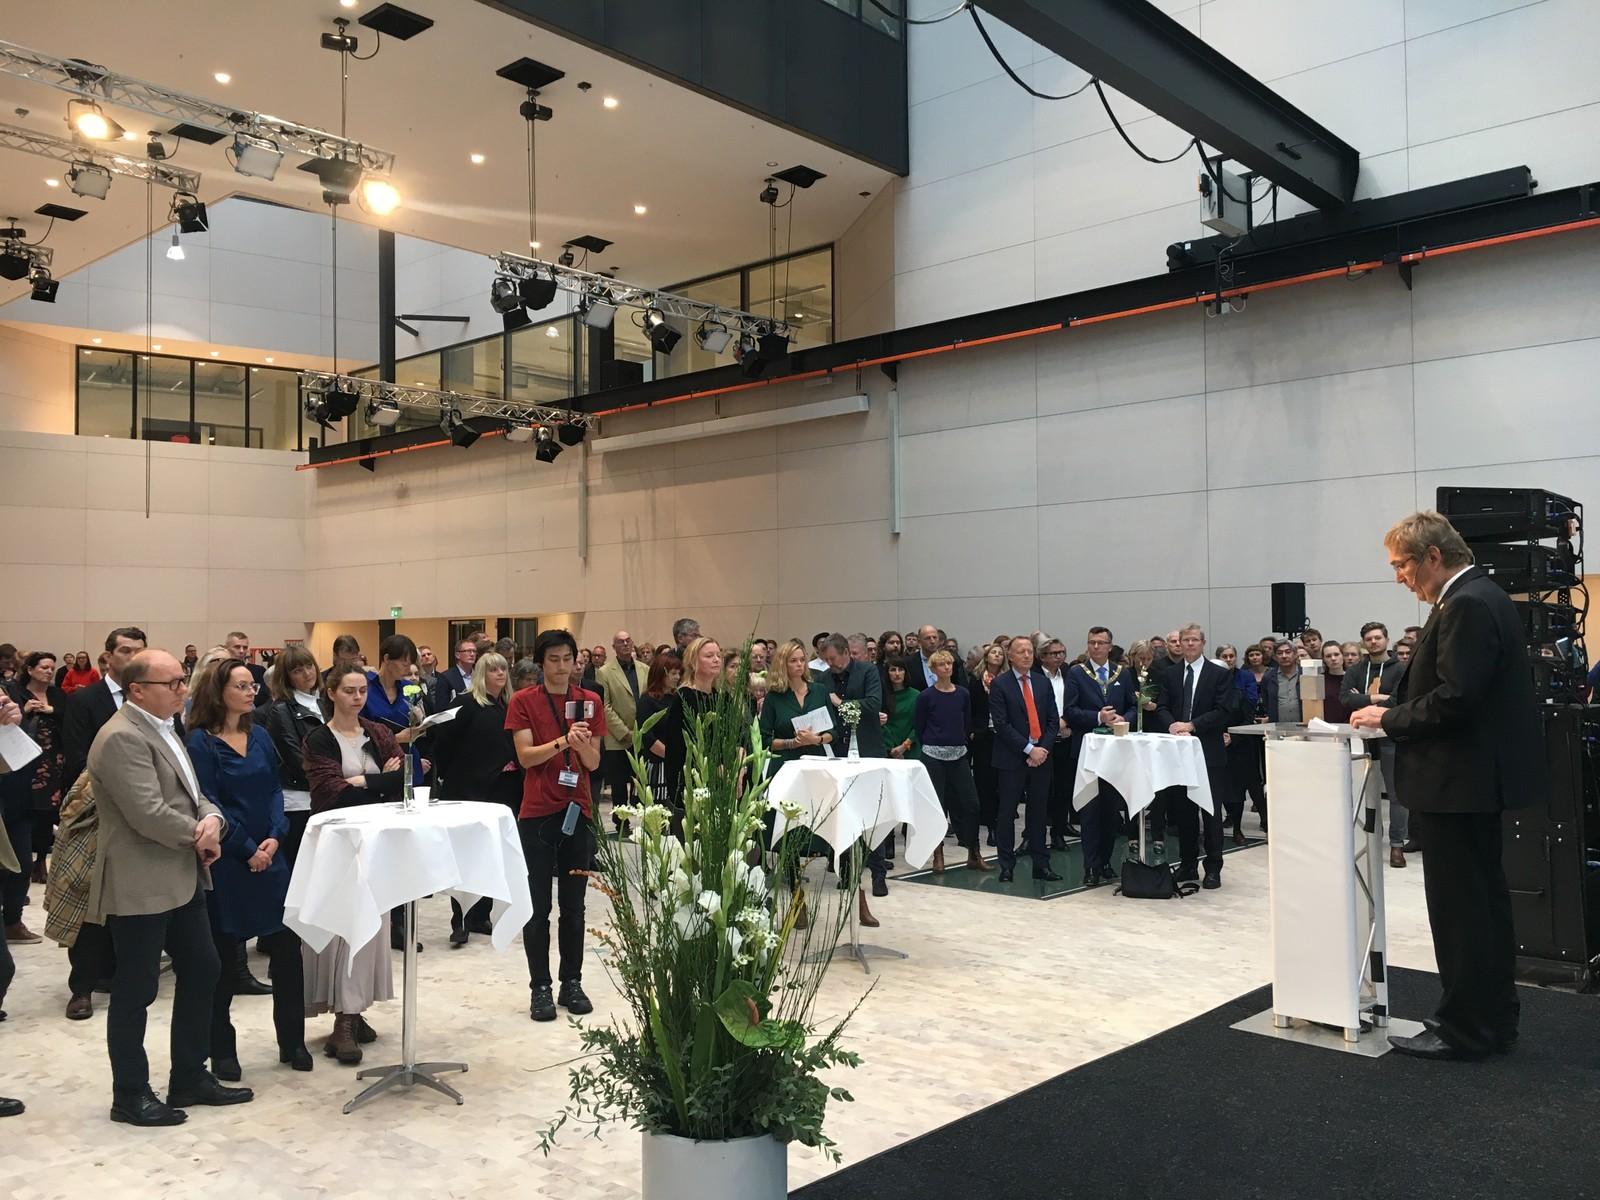 SAMLING: Mange folk til stede på åpningen av milliardbygget i Bergen.